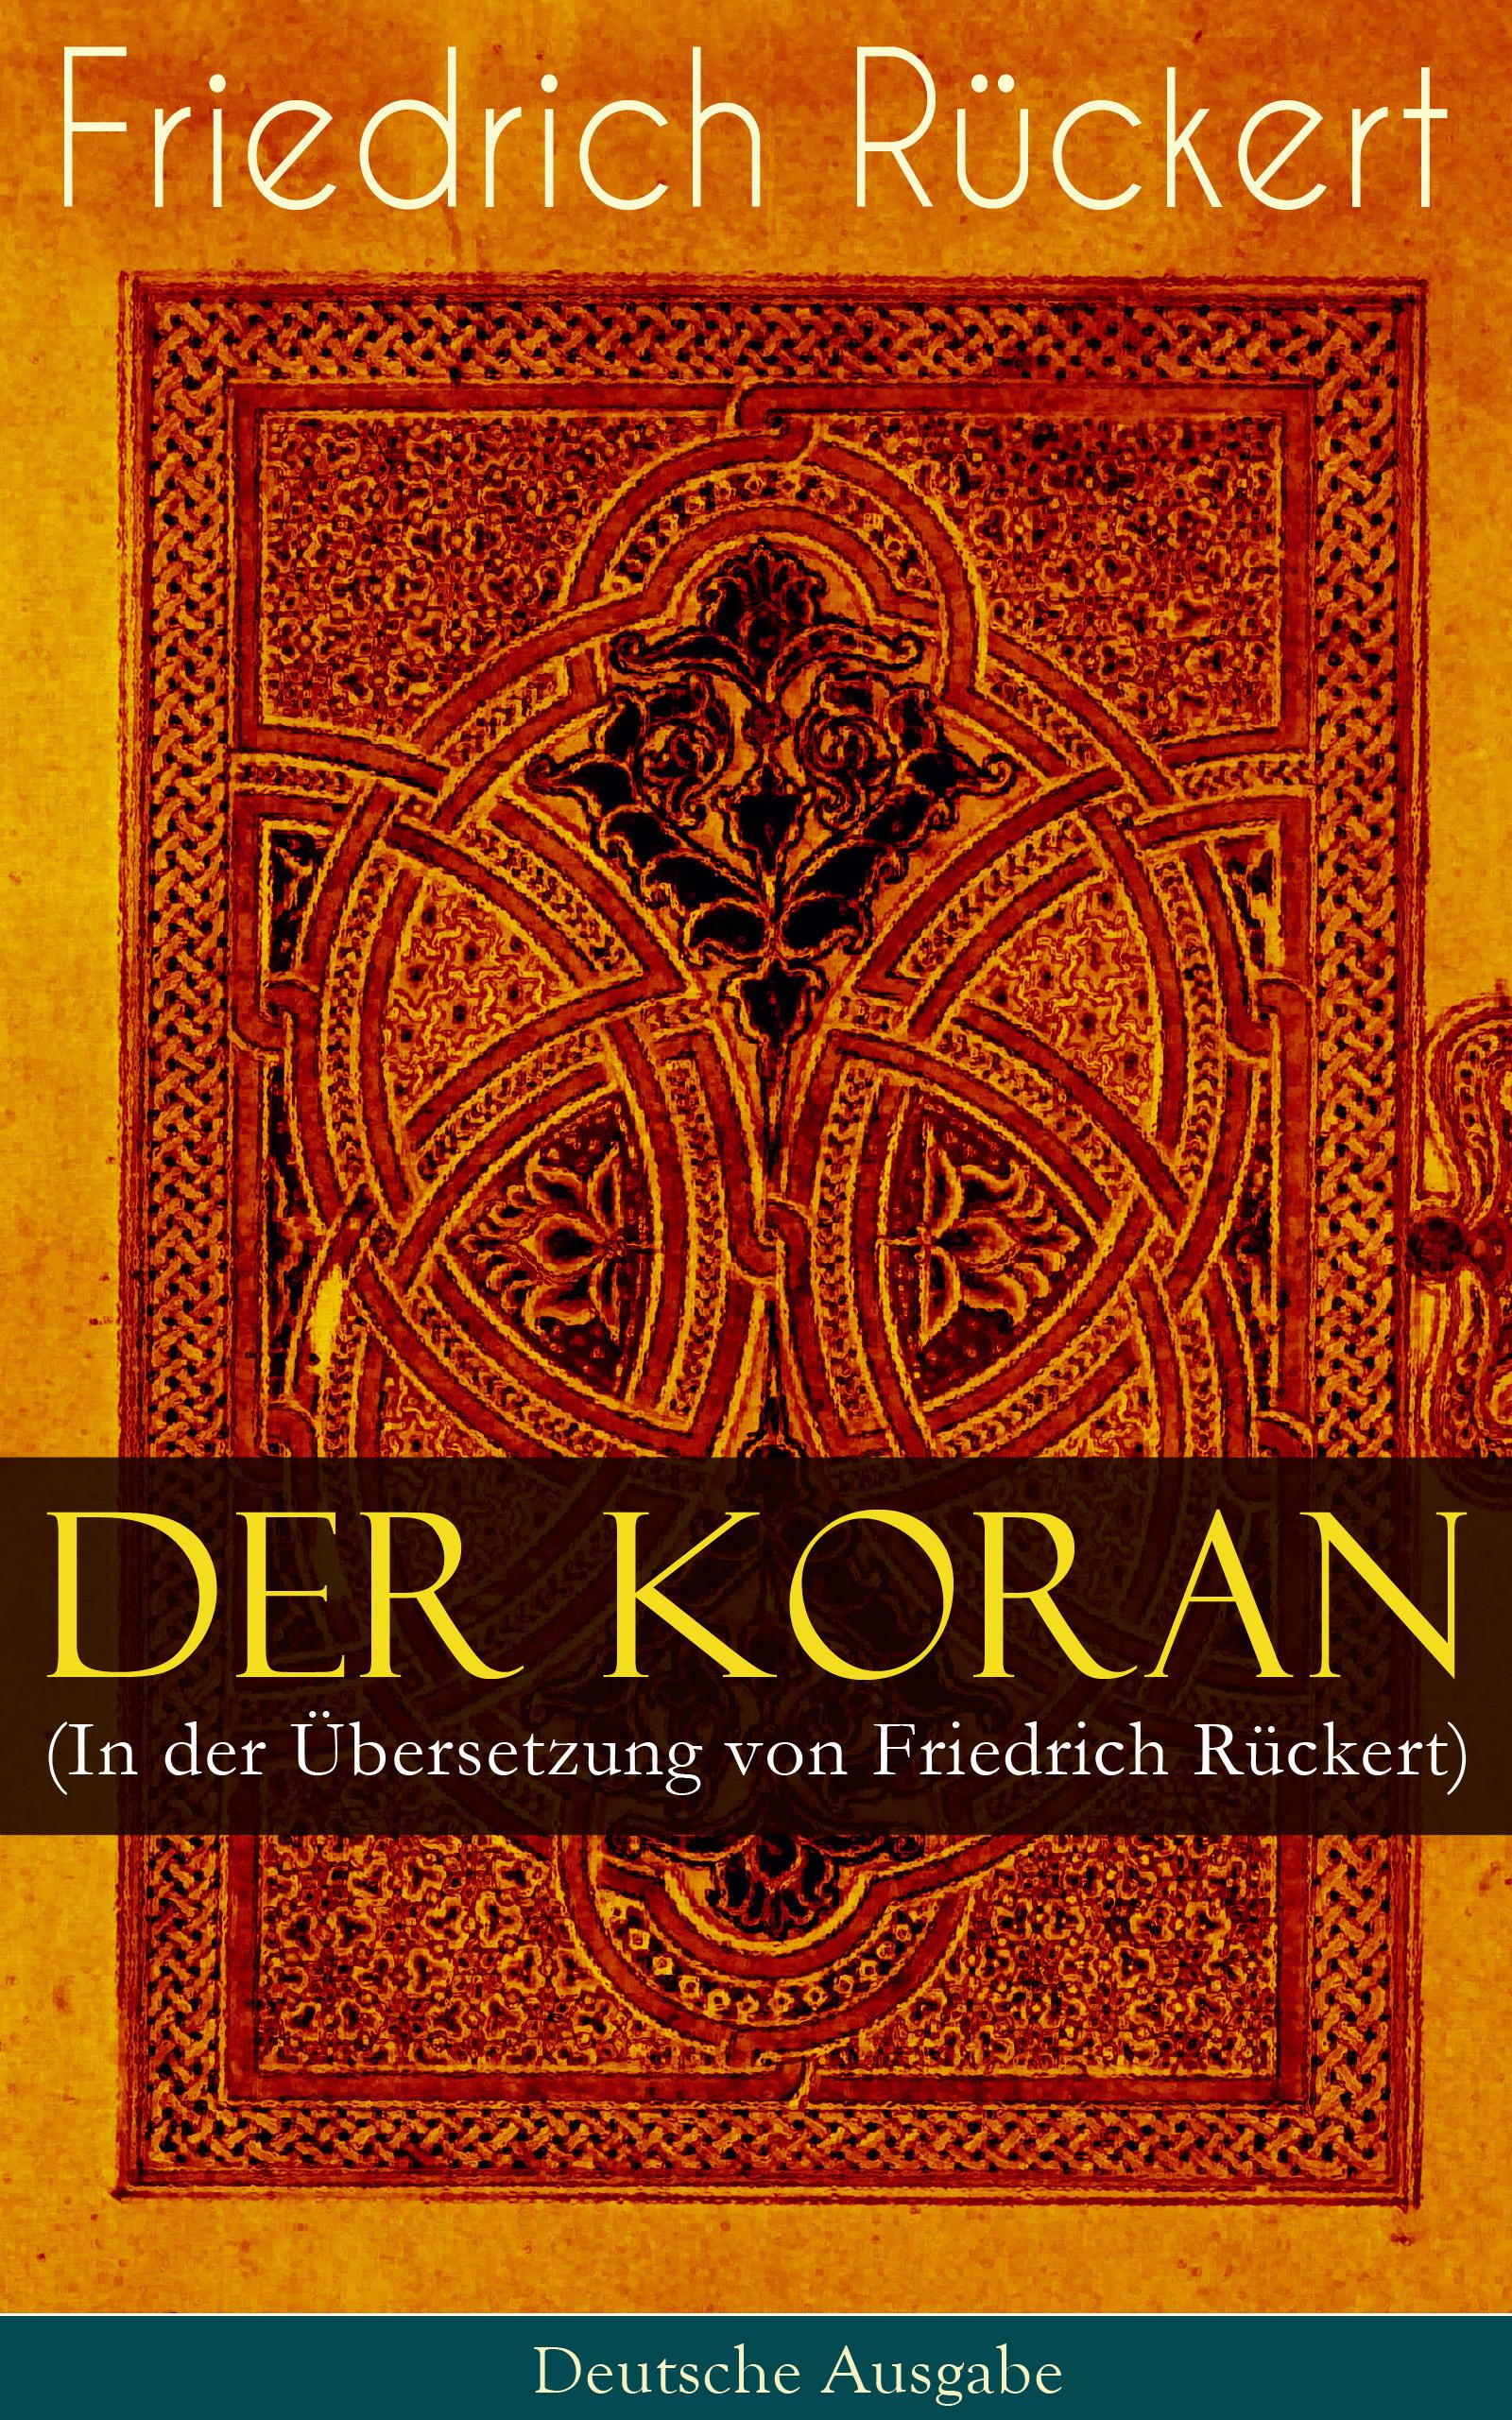 Prophet Mohammed Der Koran (In der Übersetzung von Friedrich Rückert) - Deutsche Ausgabe rebecca myga der deutsche regionalkrimi der roman vogelwild von richard auer